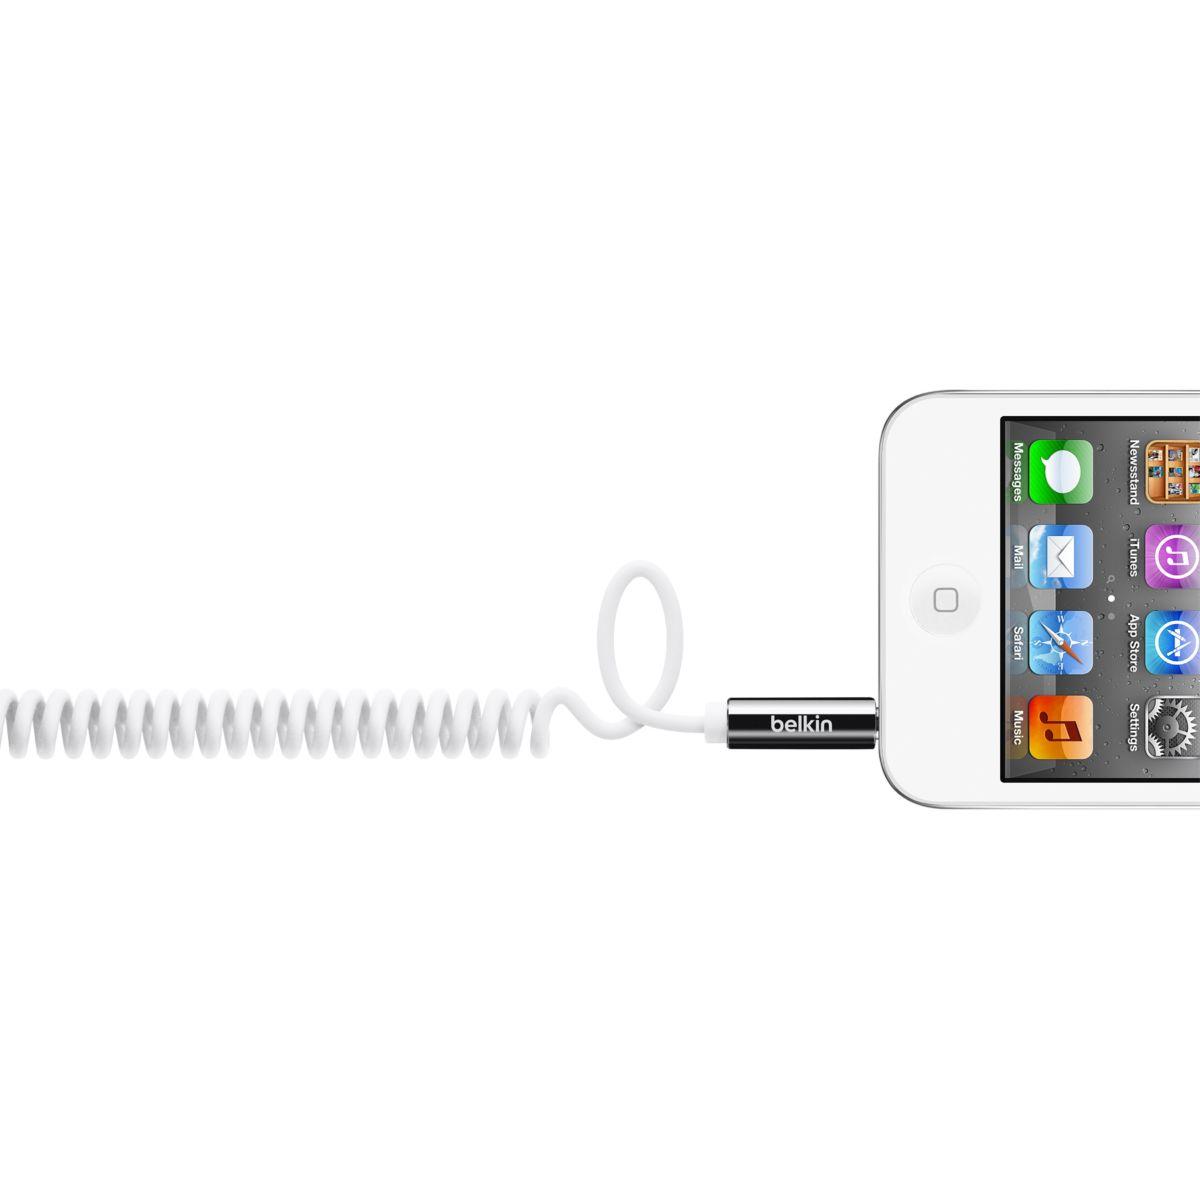 Connectique belkin câble spirale blanc - longueur : 1.8m - 20% de remise immédiate avec le code : cool20 (photo)